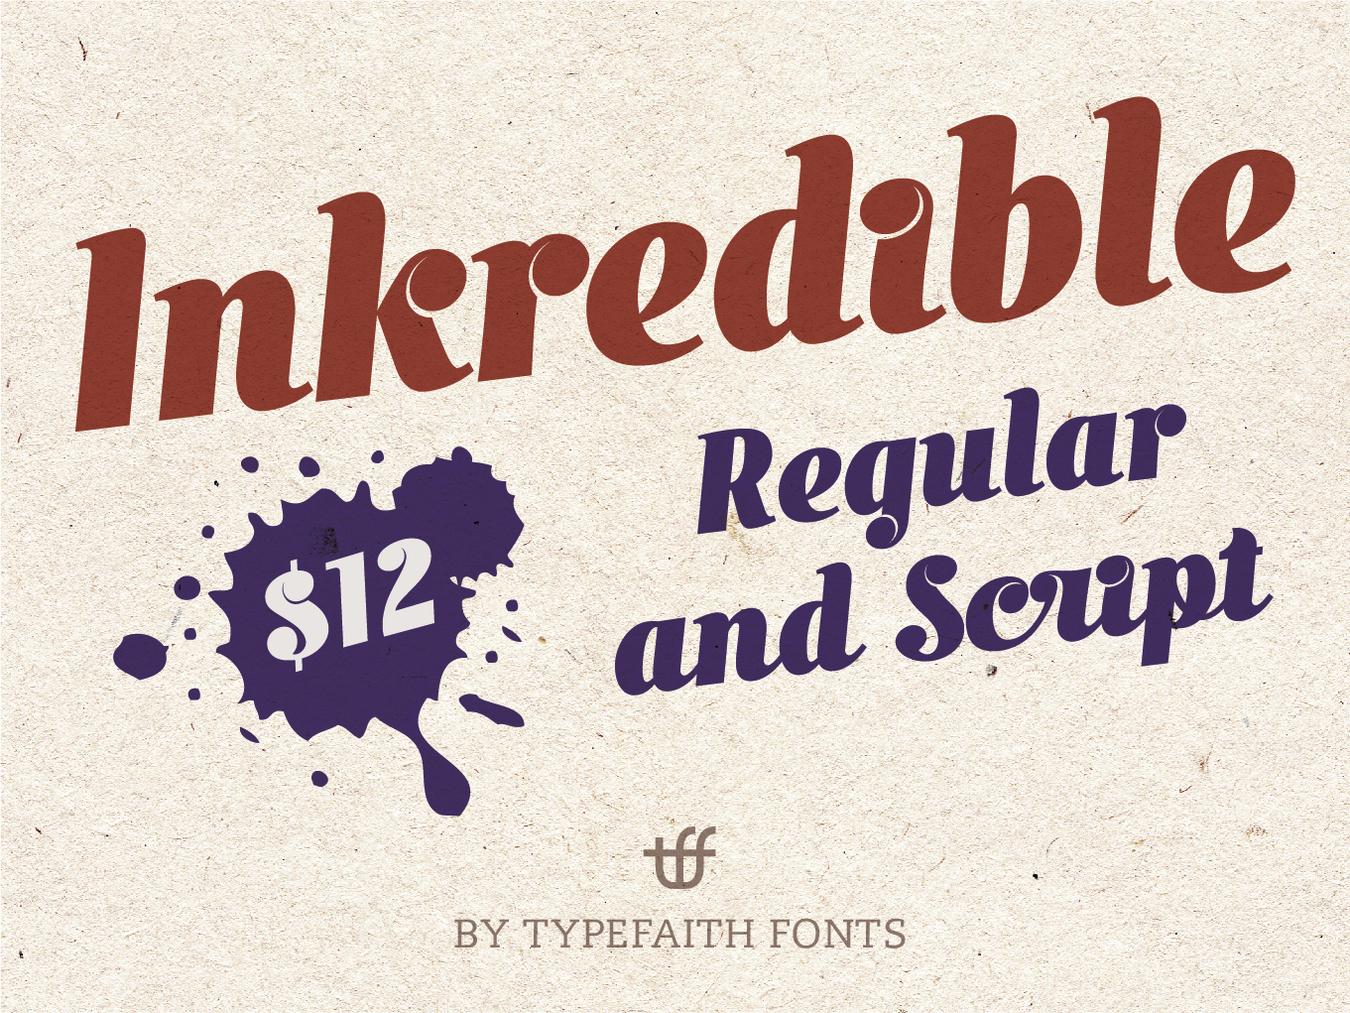 Inkredible — Fonts on UI8